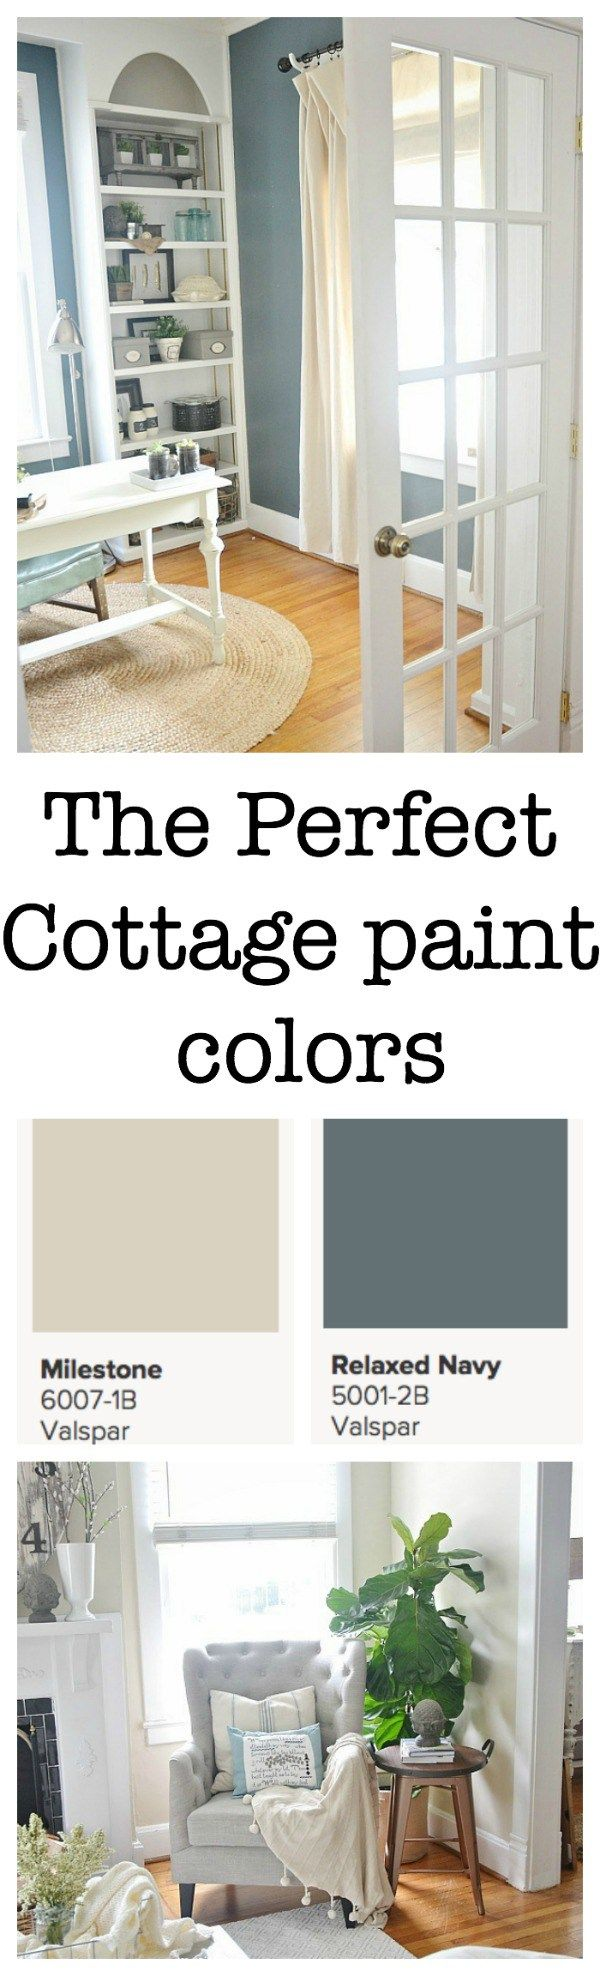 The Perfect Cottage Paint Colors Lizmarieblog